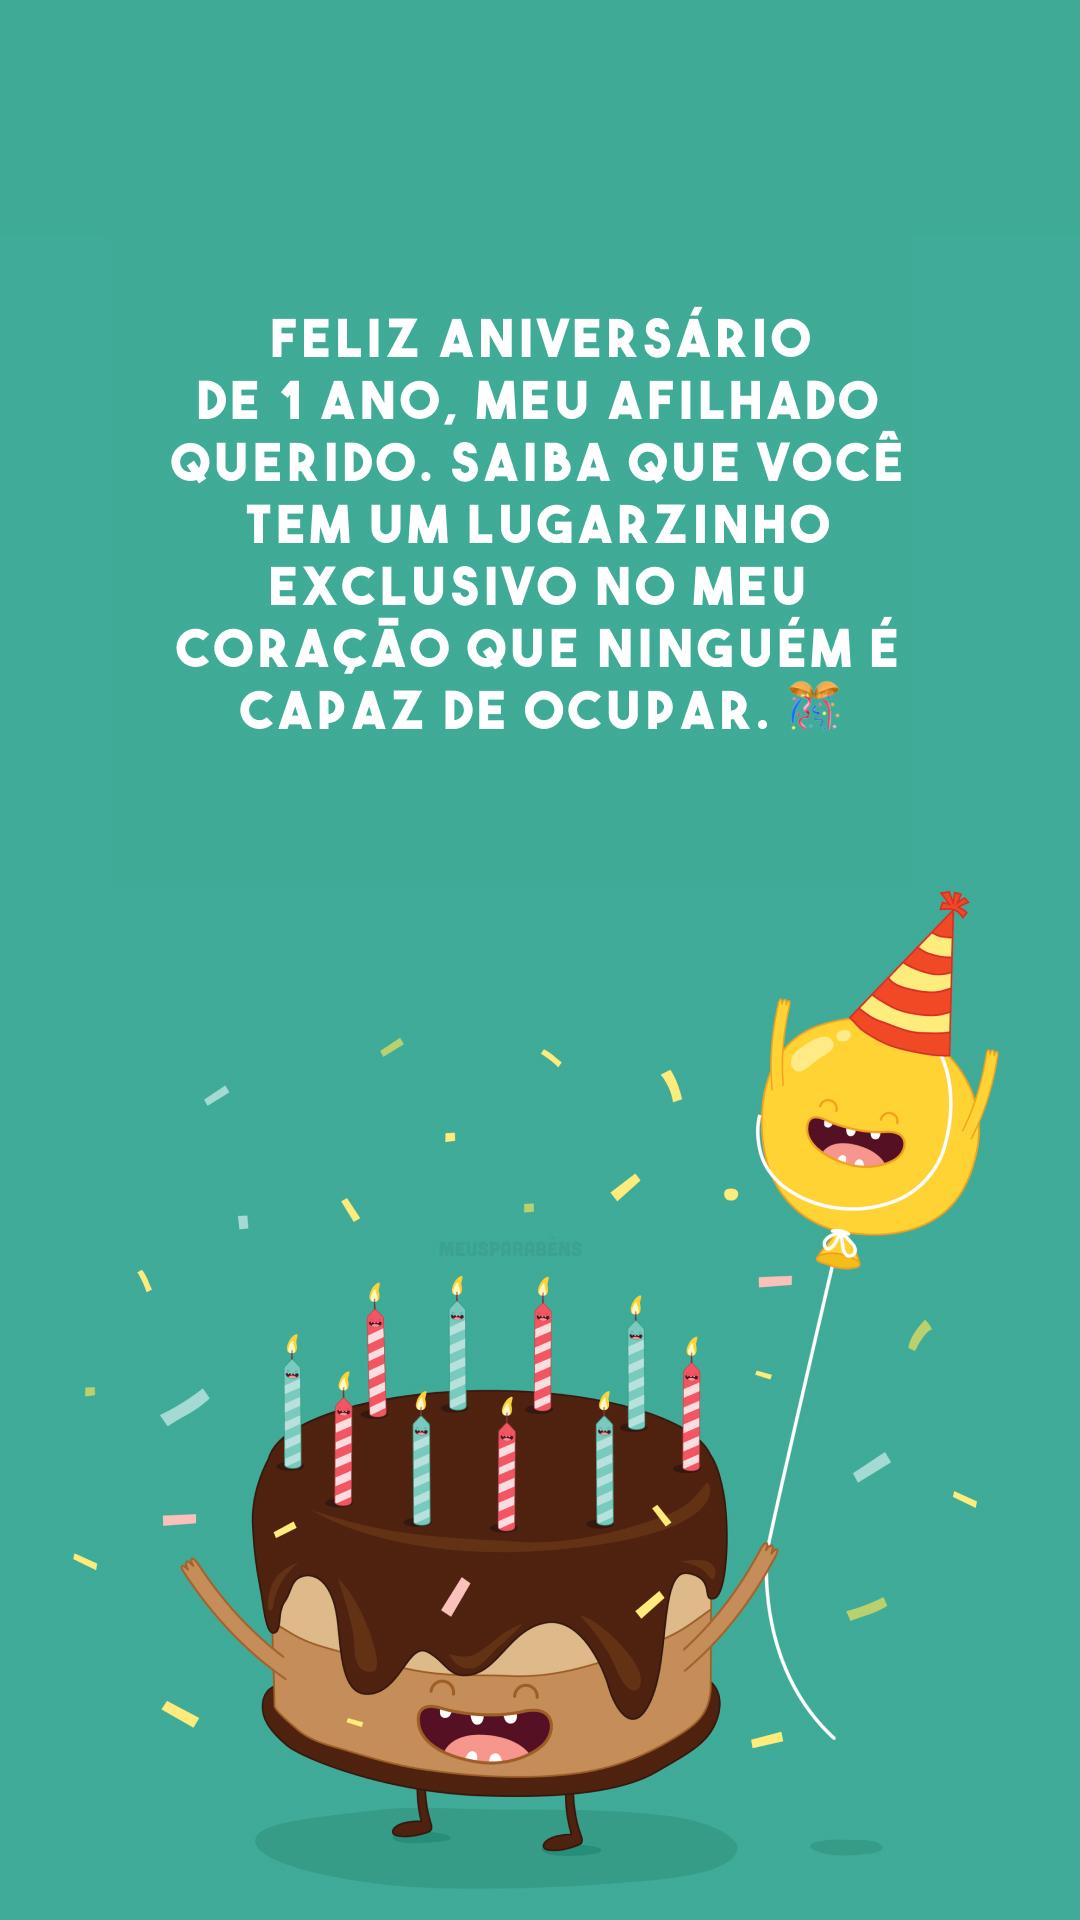 Feliz aniversário de 1 ano, meu afilhado querido. Saiba que você tem um lugarzinho exclusivo no meu coração que ninguém é capaz de ocupar. 🎊